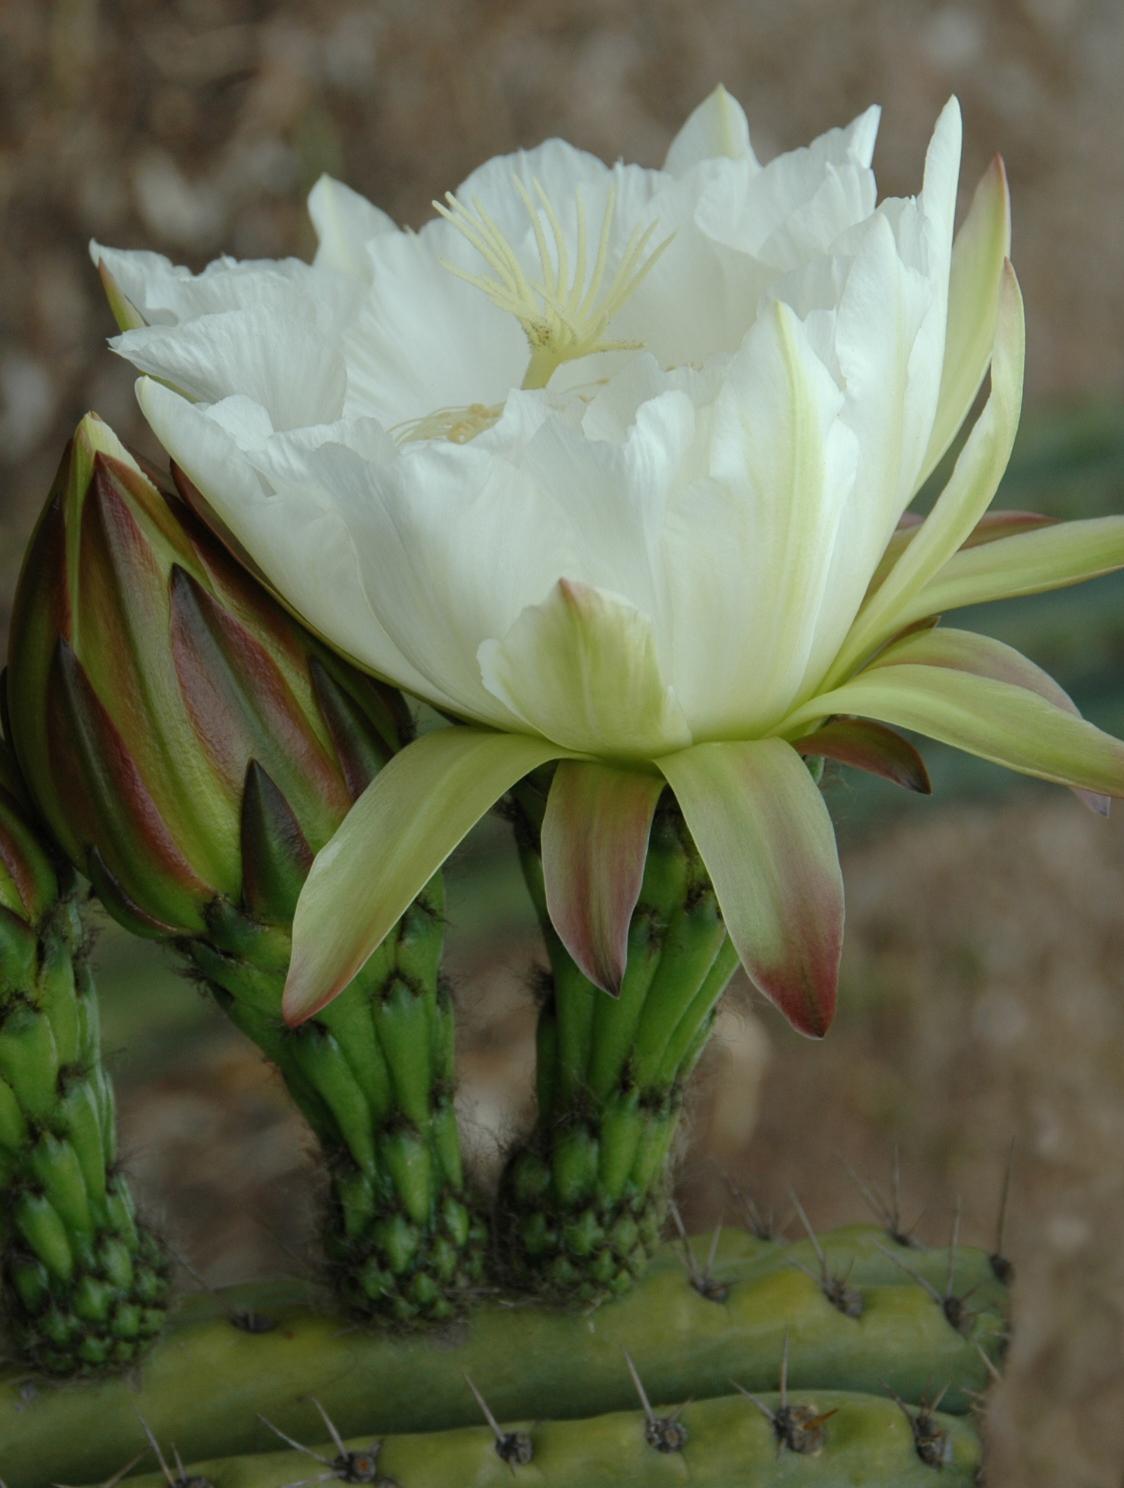 Trichocereus Peruvianus Flower